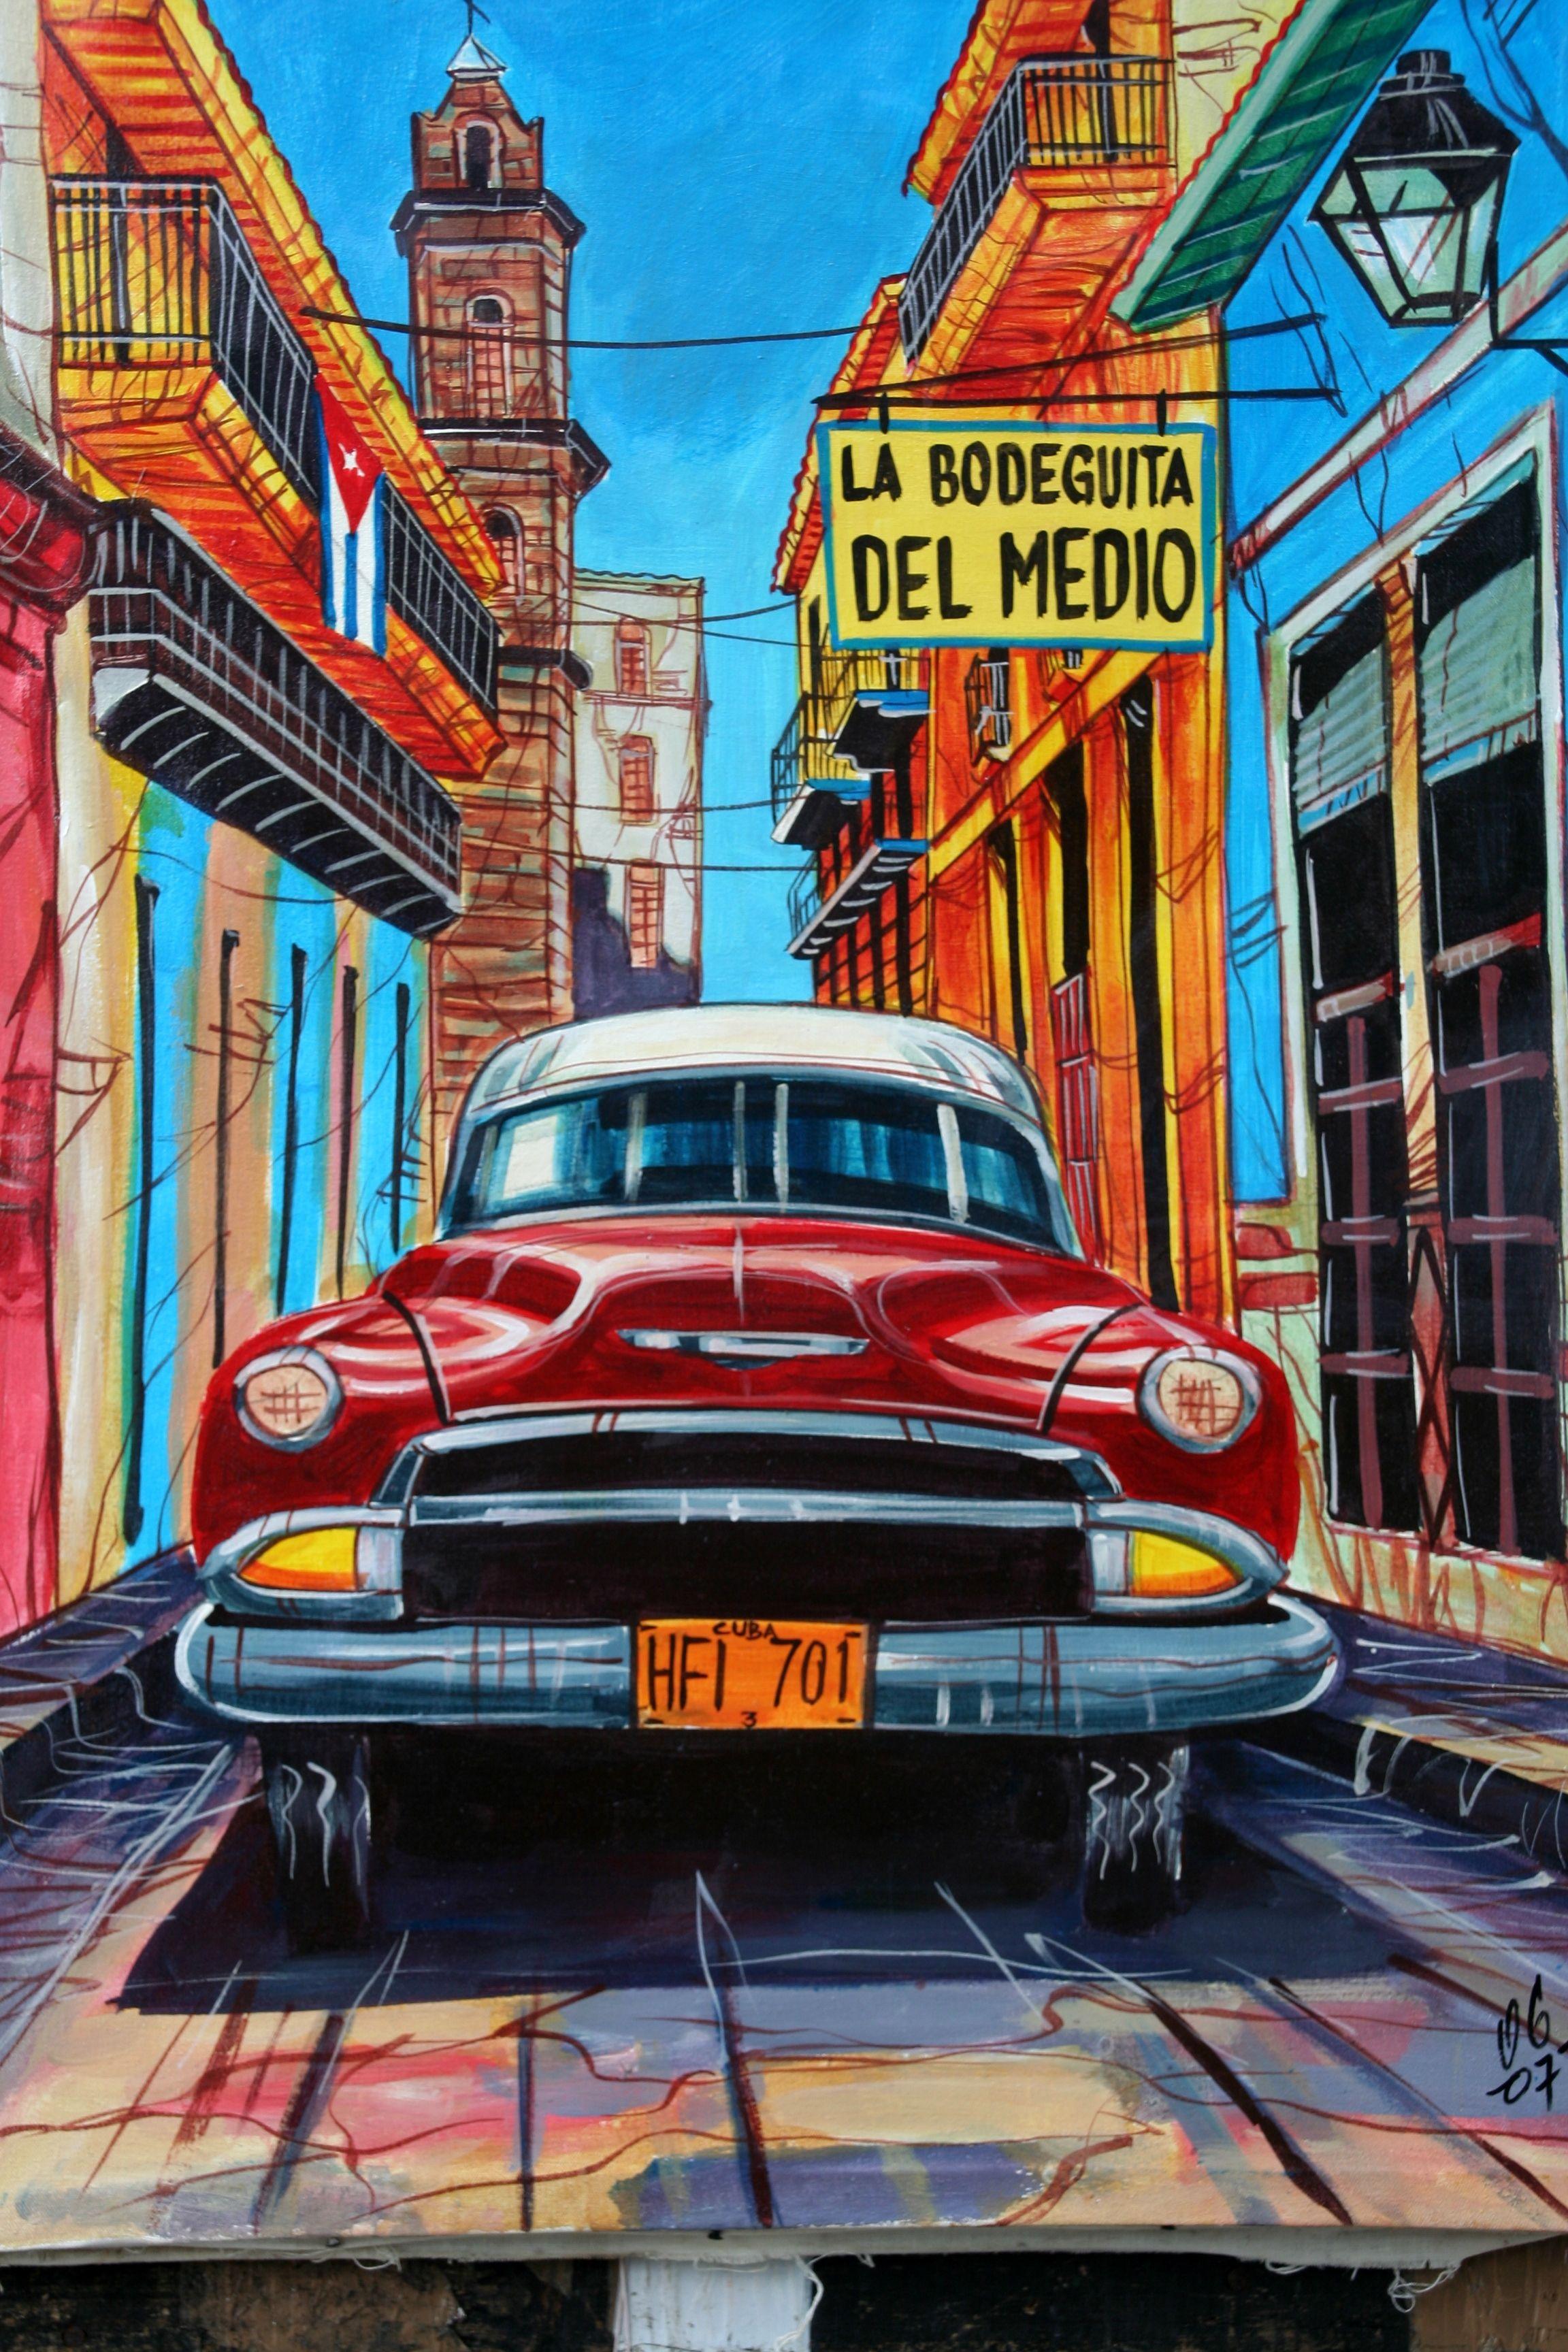 Kunst in #Havana op #Cuba, mooi toch?